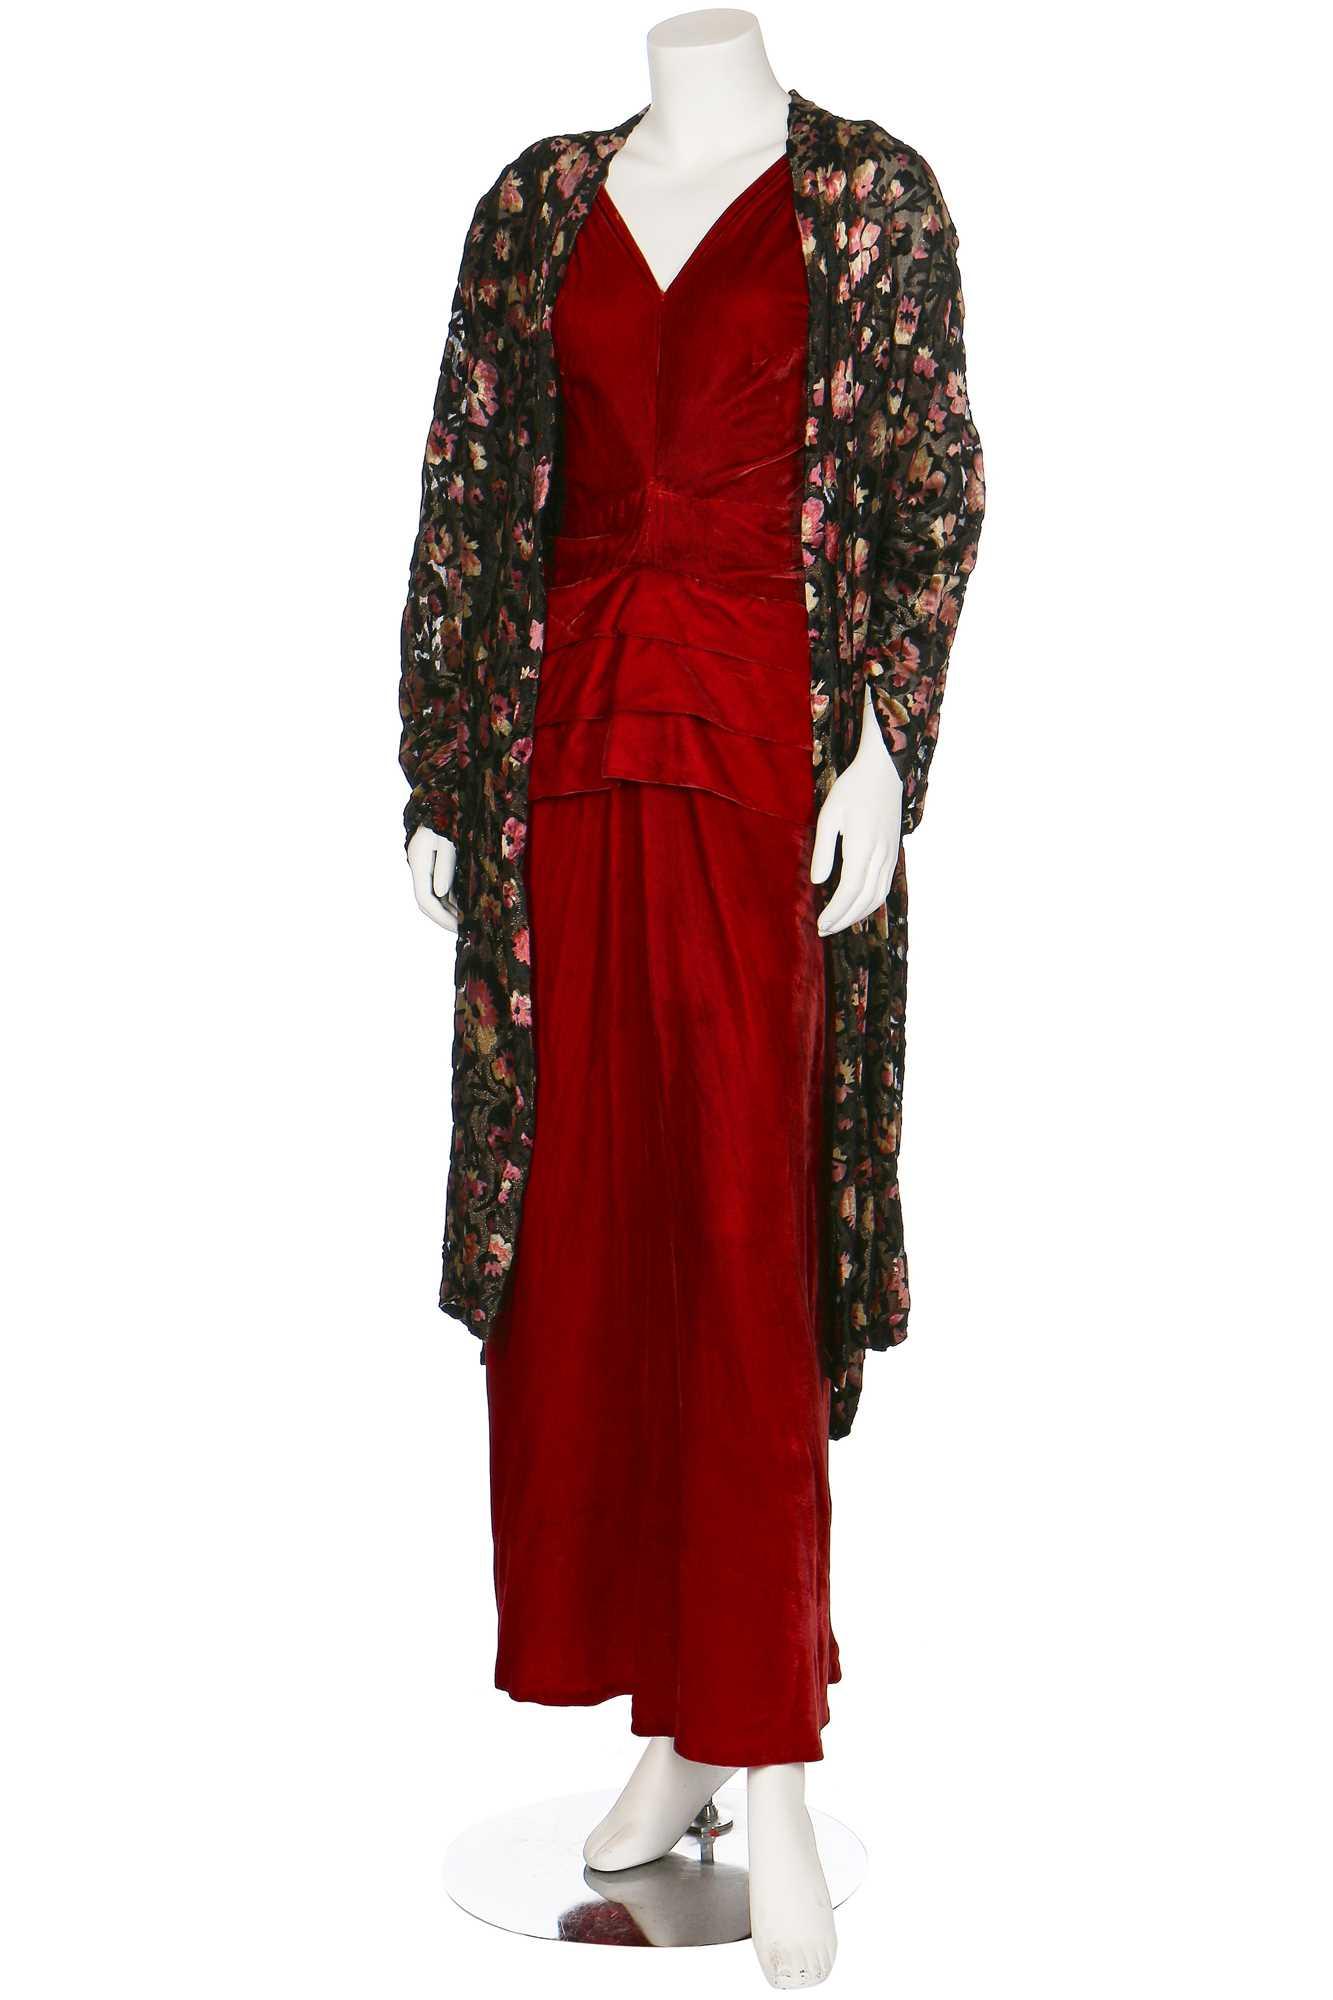 Lot 32-A devoré velvet and lamé evening coat, 1930s